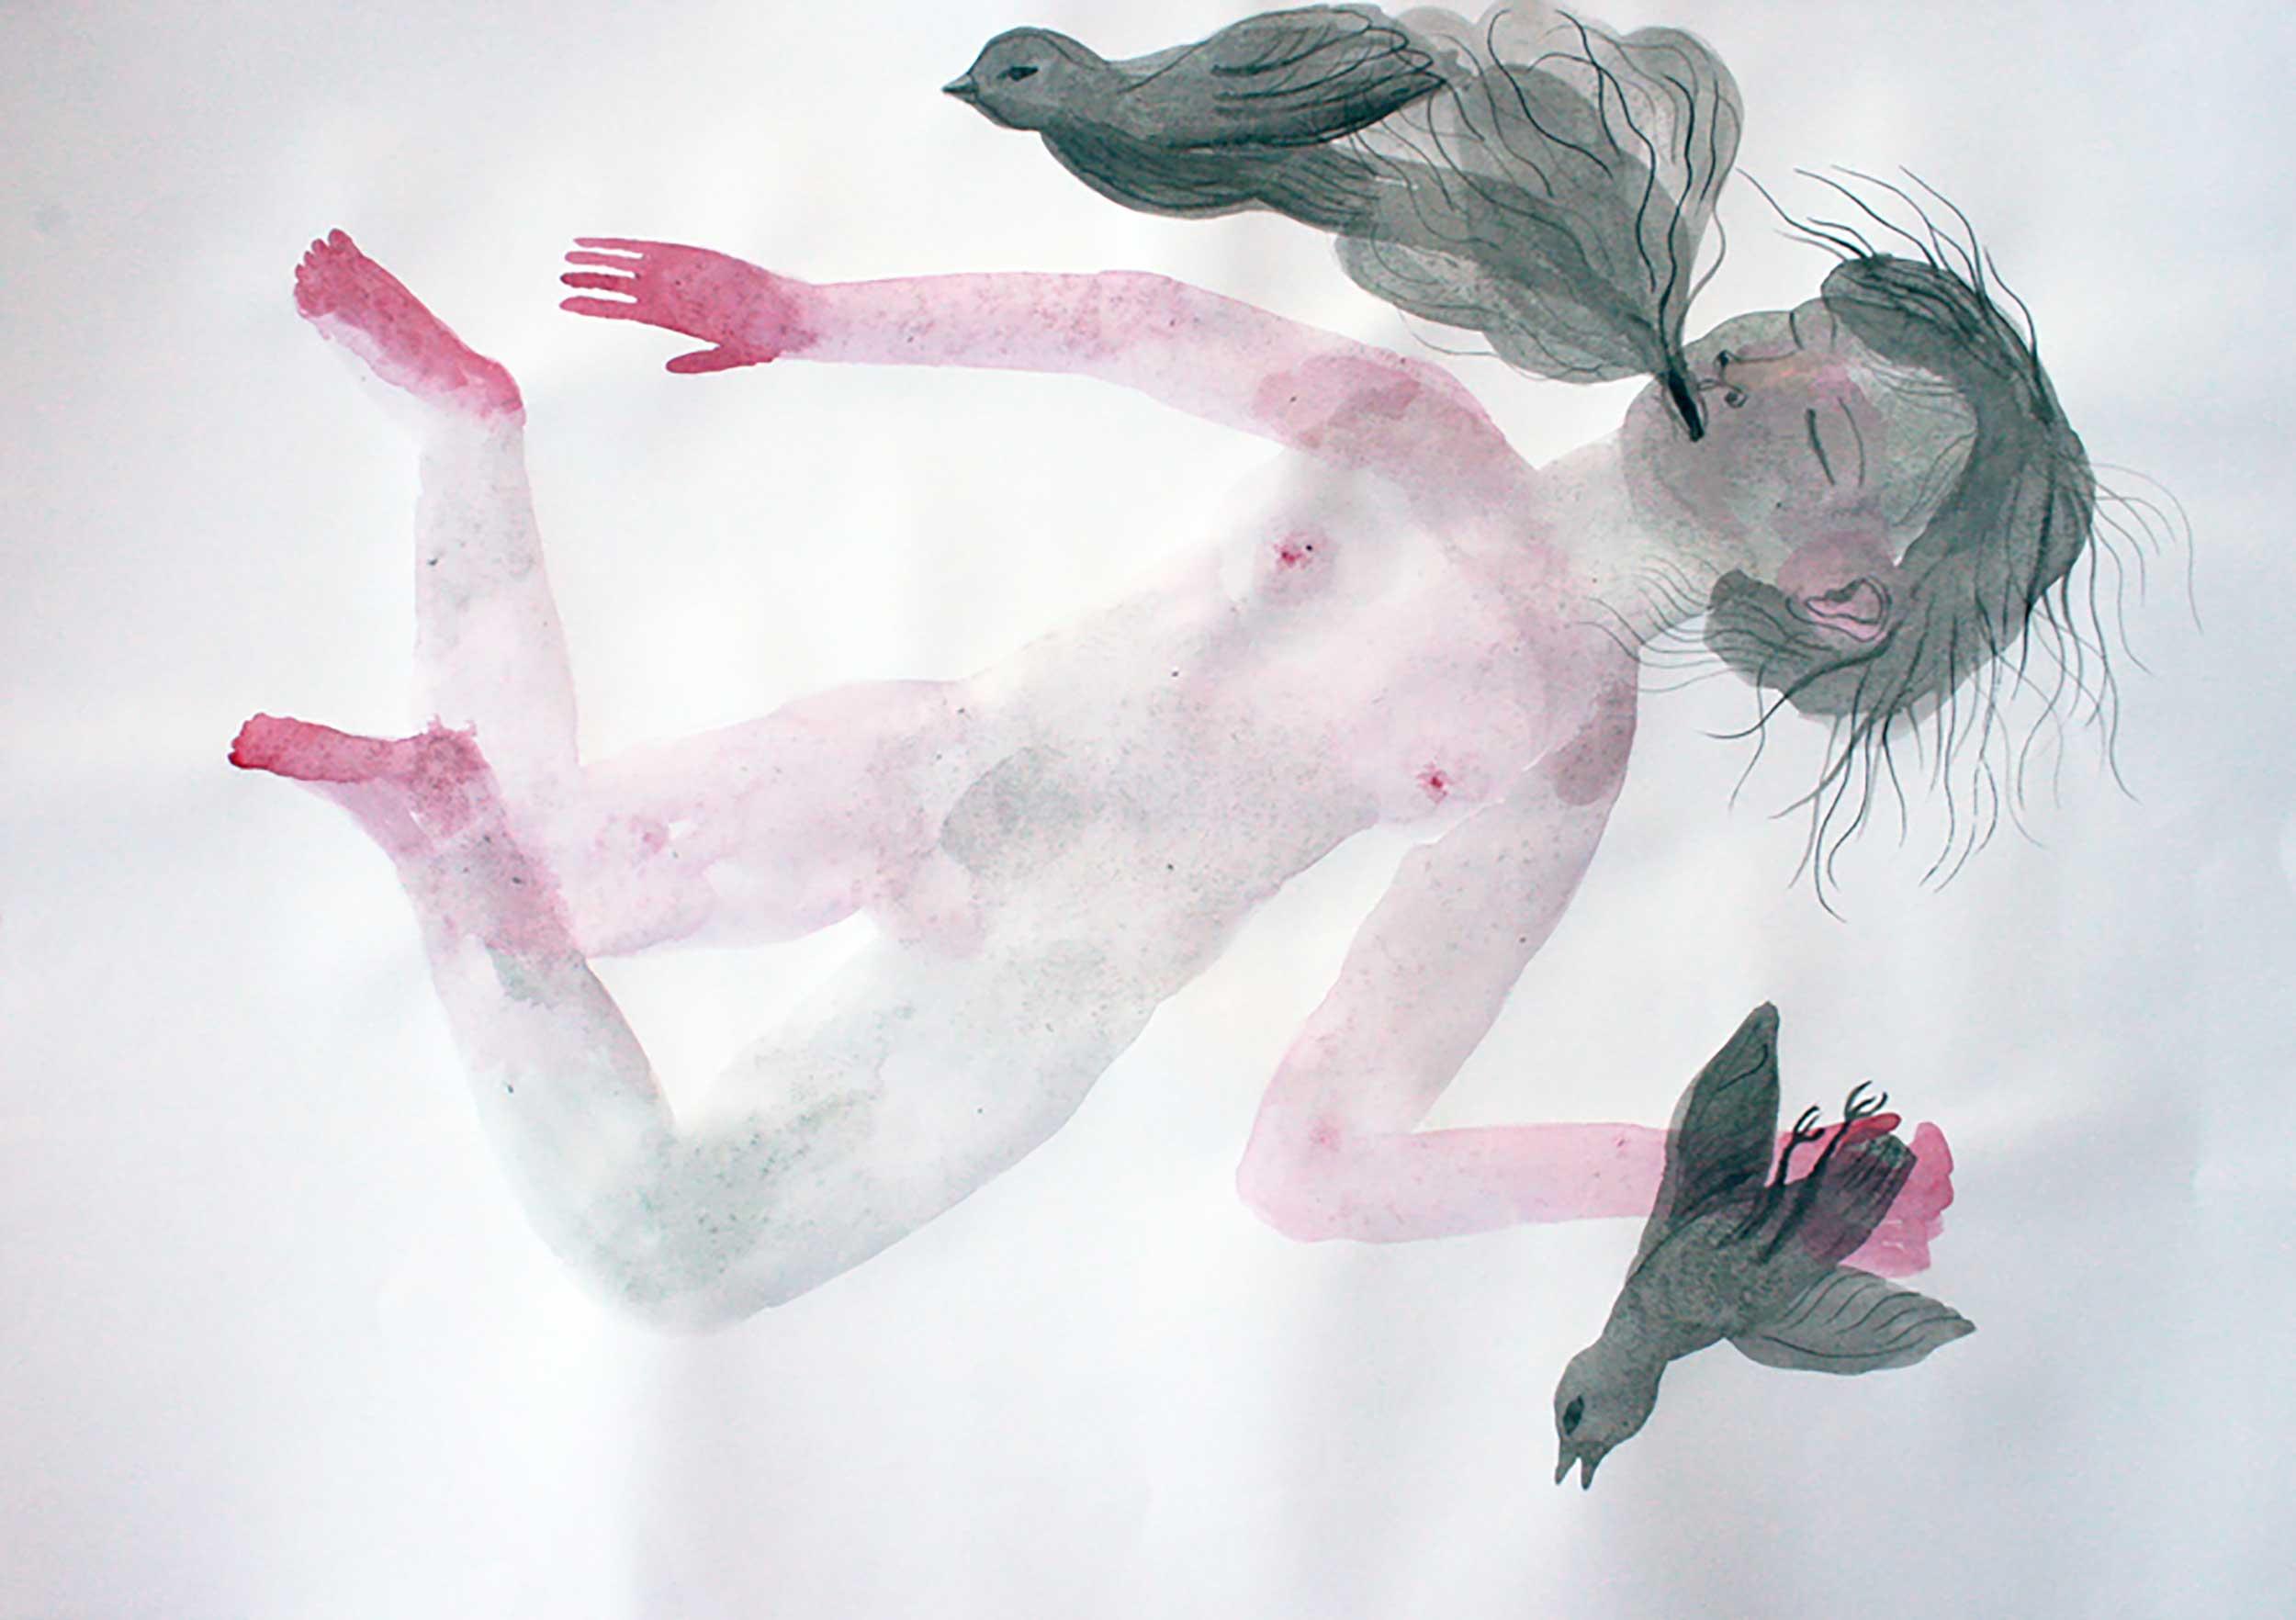 Sara Falli - Asleep